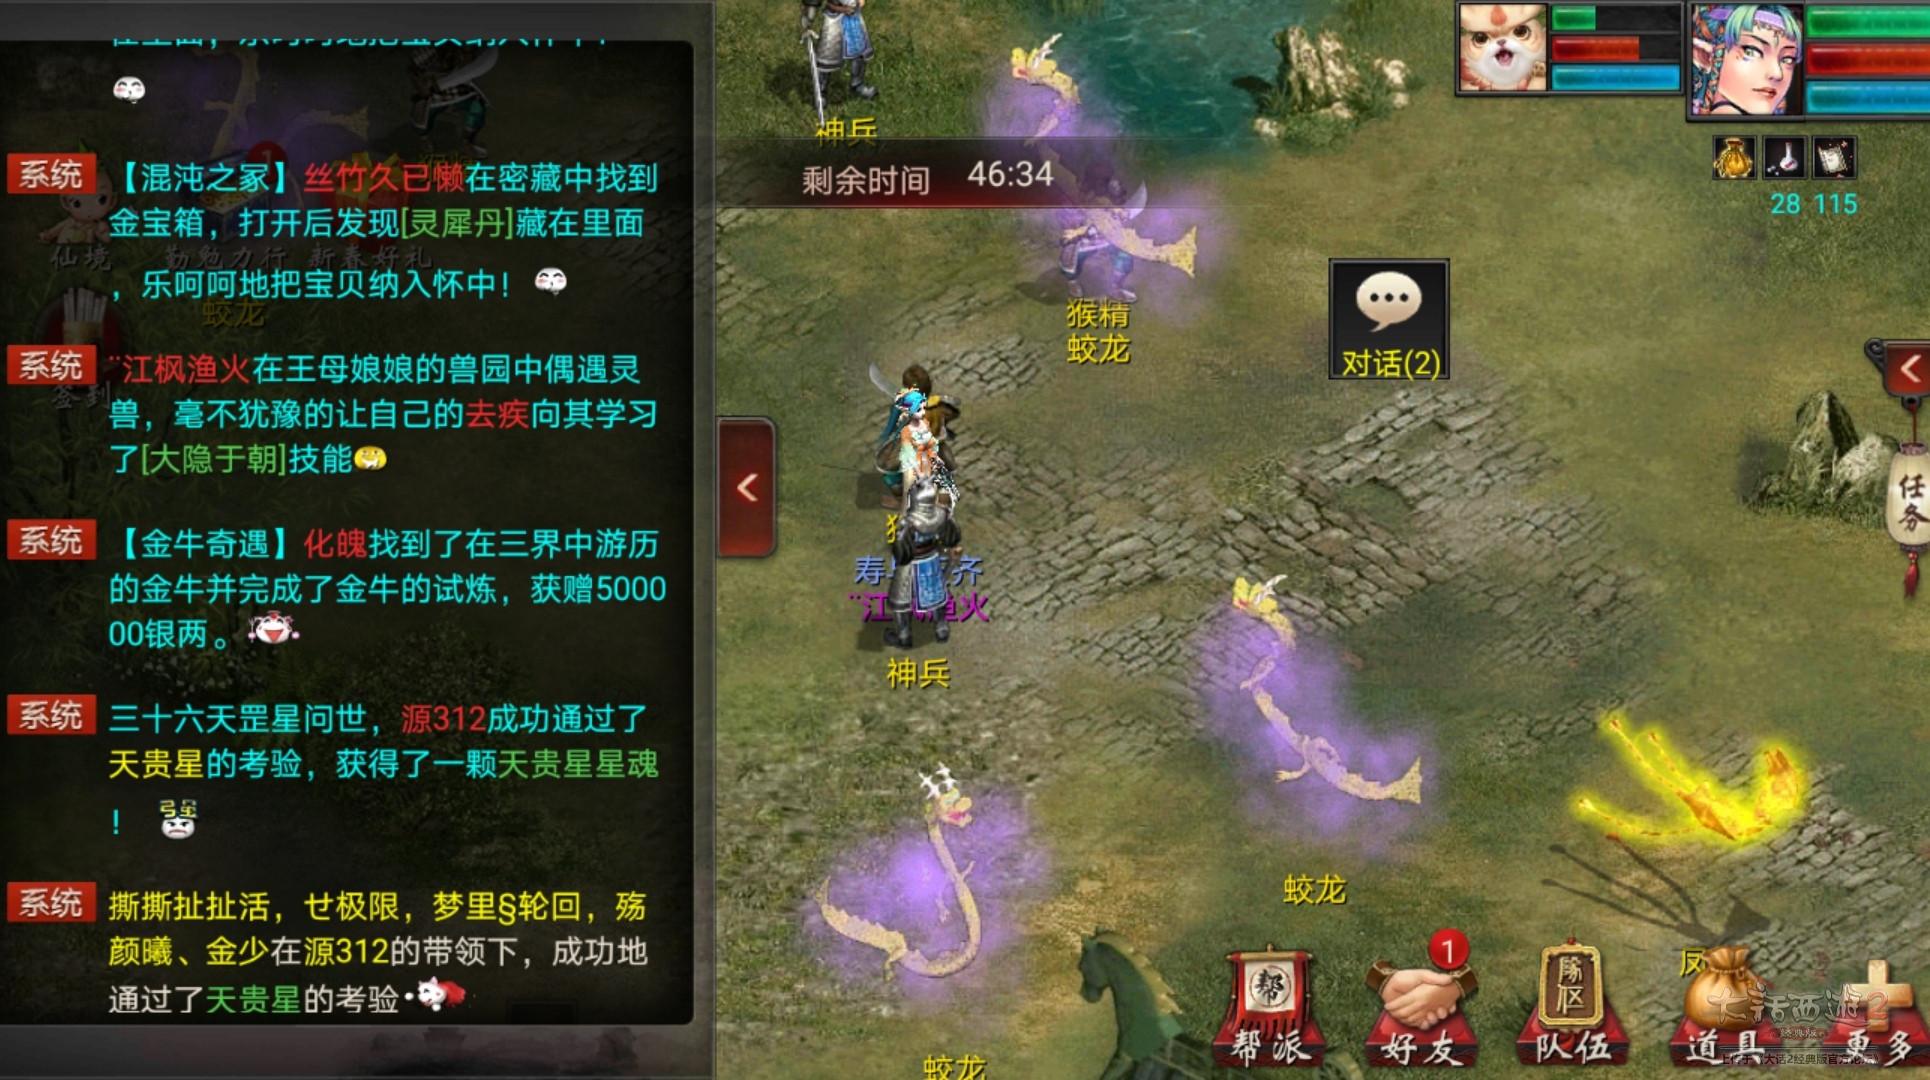 Screenshot_20210219_181432.jpg